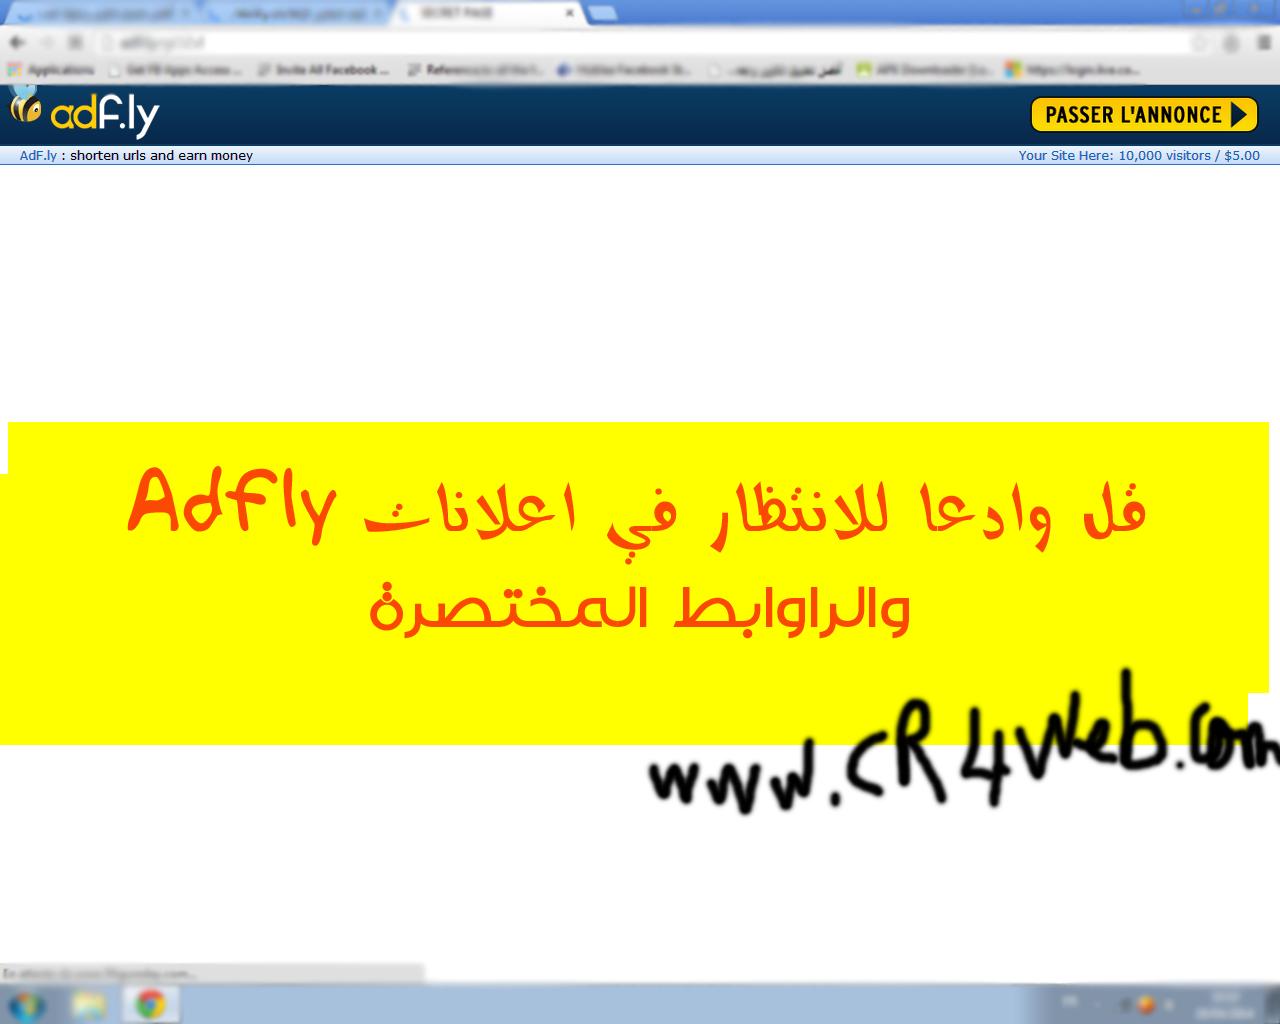 قل واعا للانتظار في اعلانات Adfly والروابط المختصرة